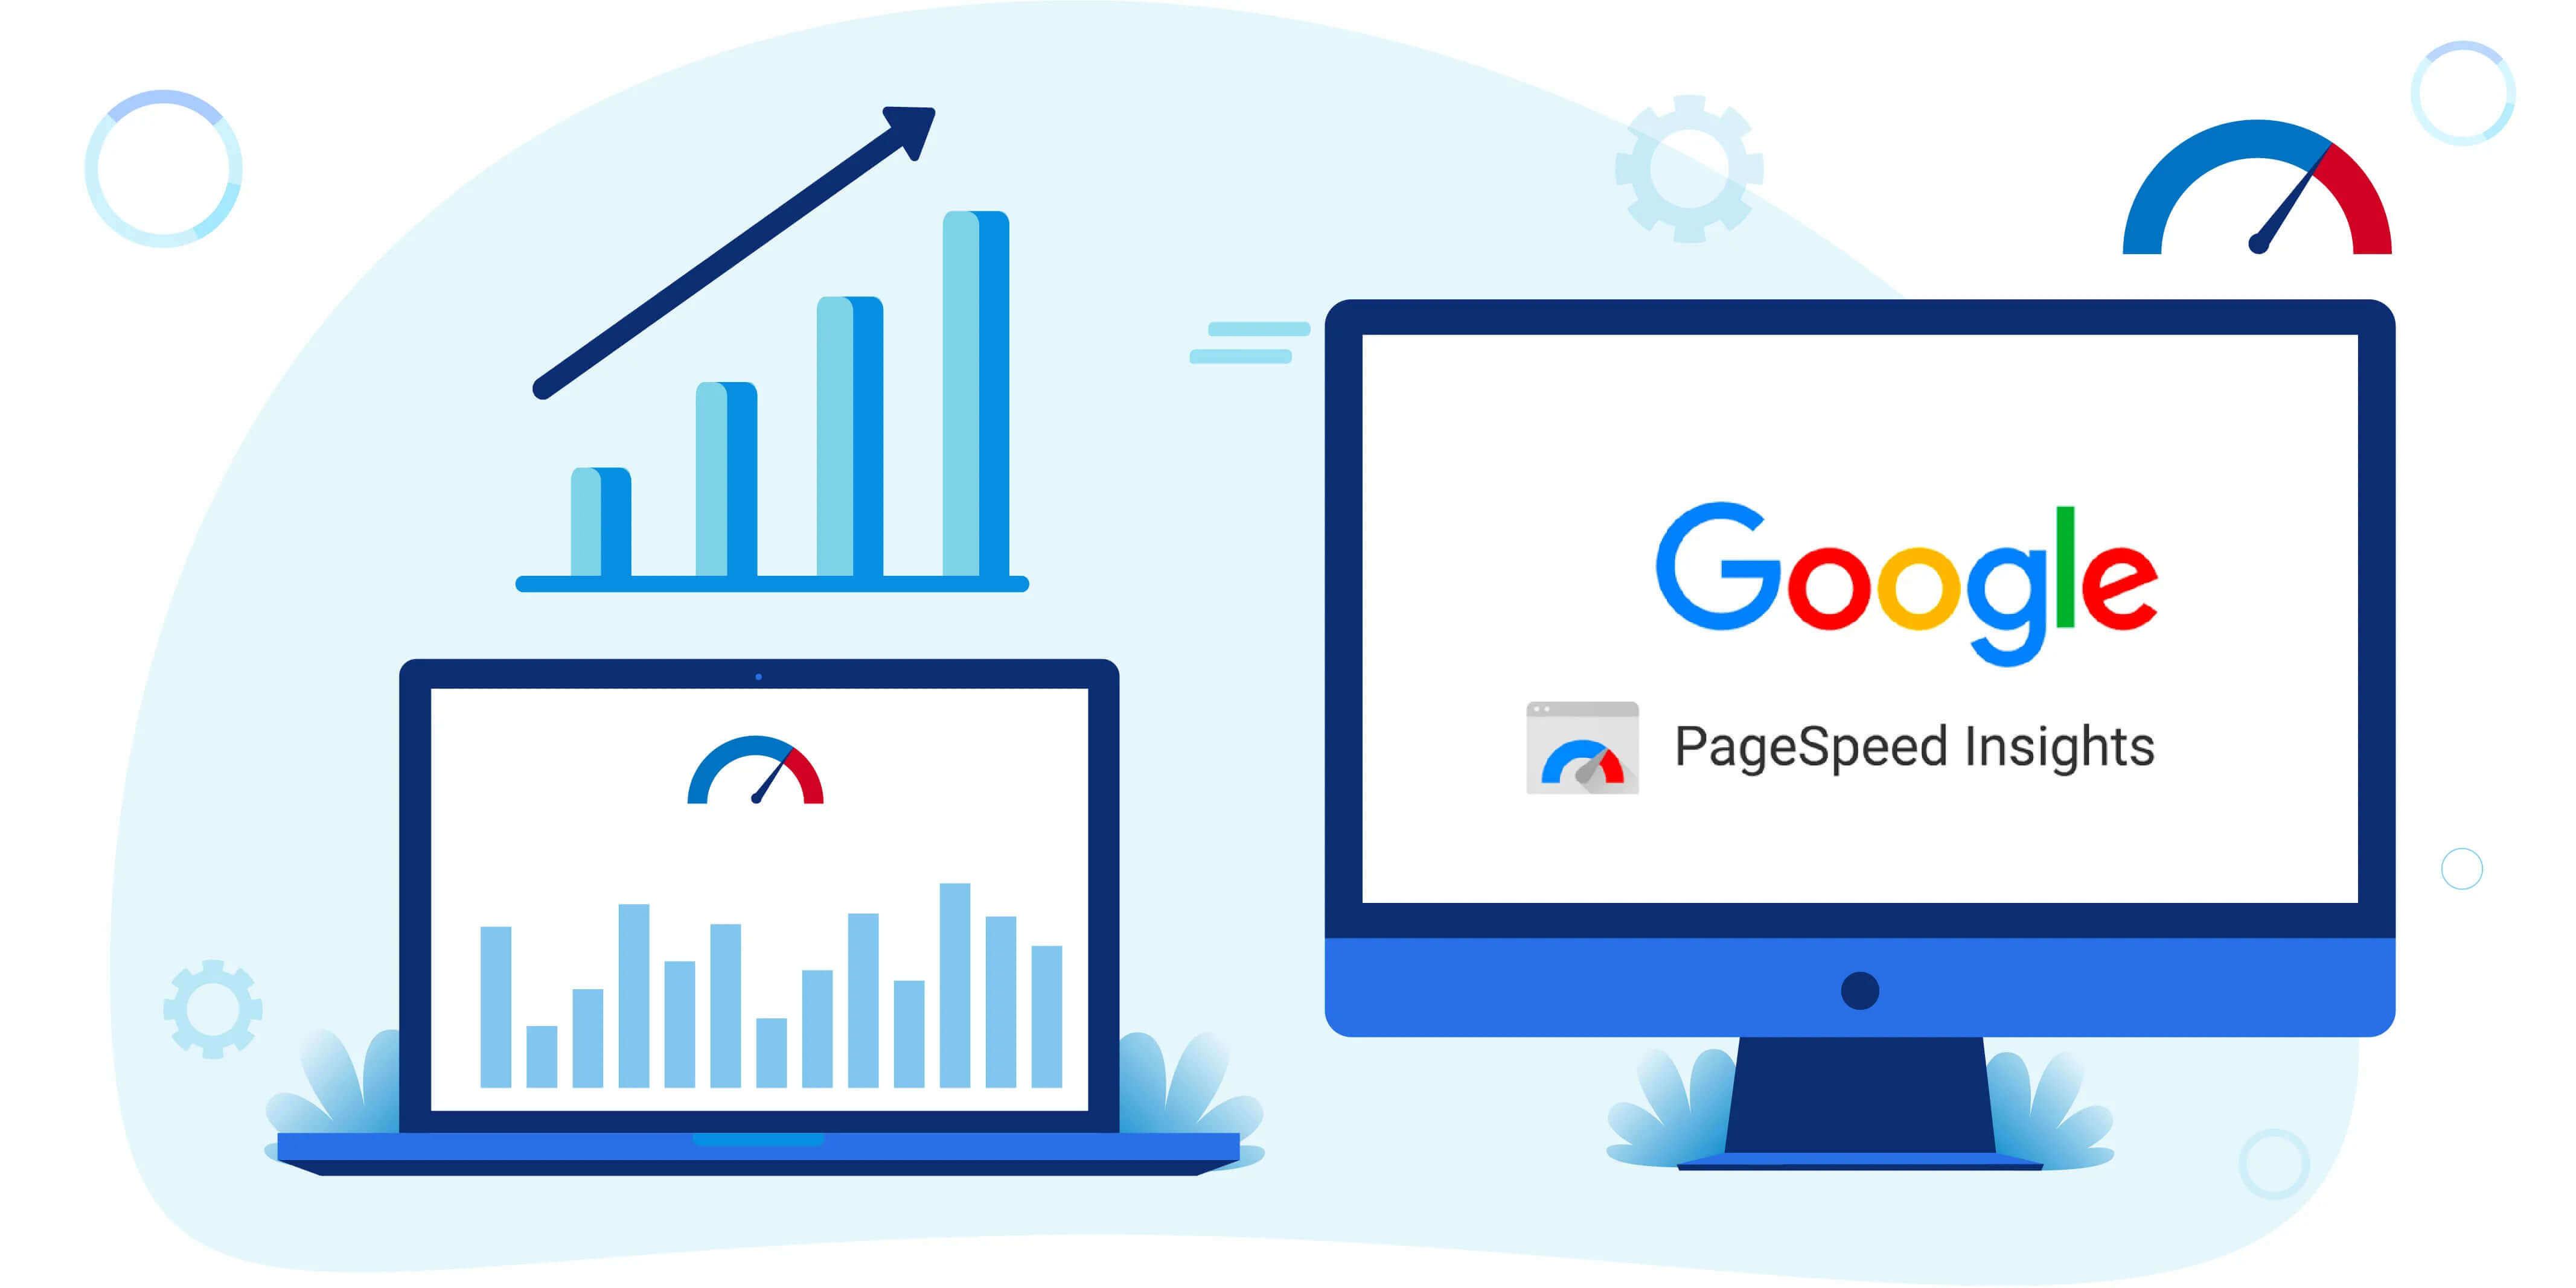 Hướng dẫn tối ưu trên 80 điểm Google PageSpeed cho Wordpress 1 145x100 - Hướng dẫn tăng tốc độ Website trên 80 điểm PageSpeed cho WordPress 2019